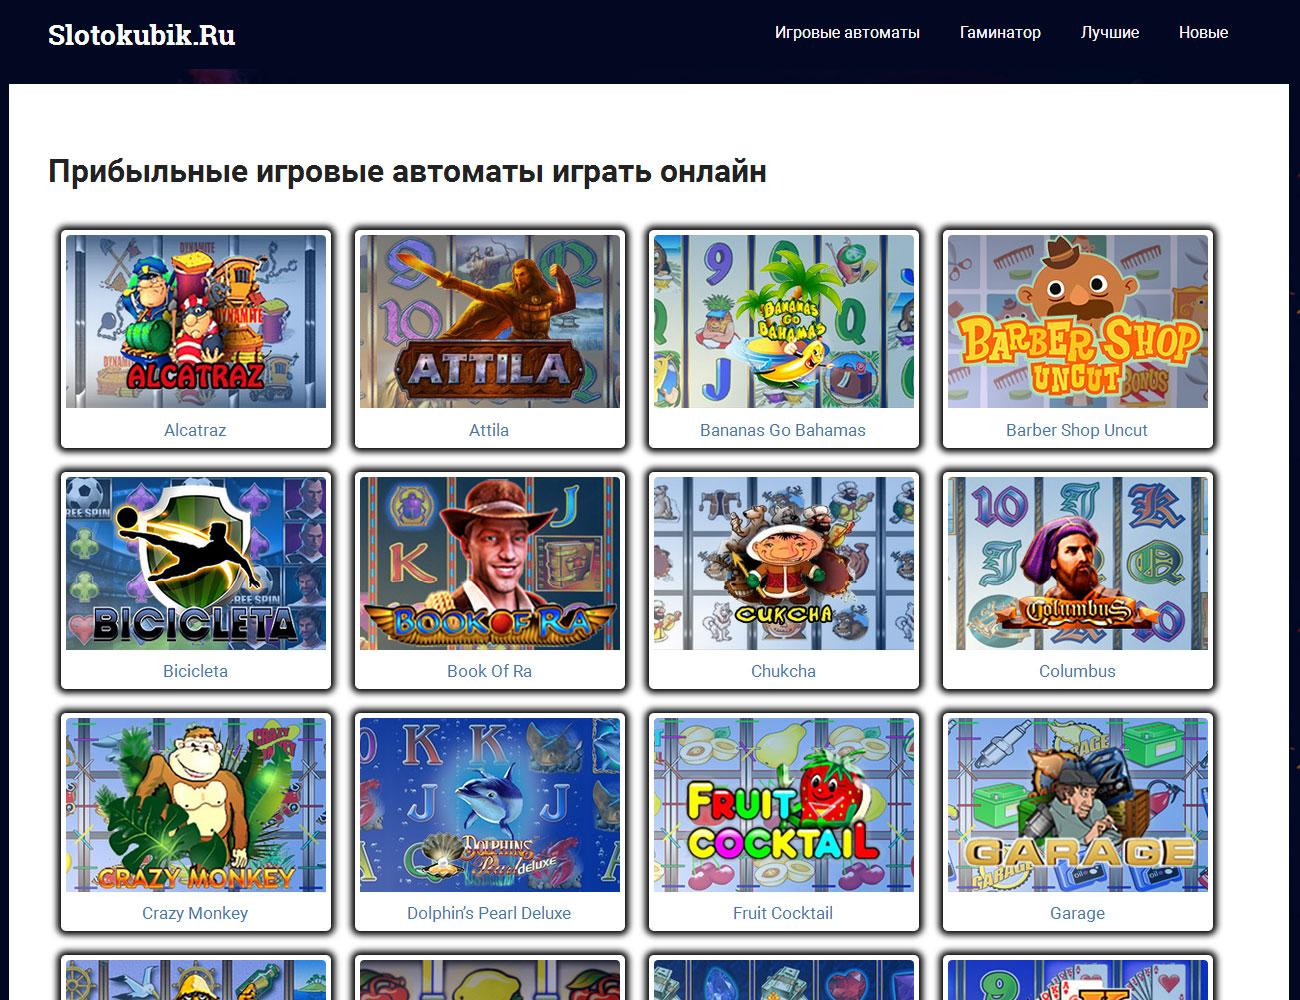 Прибыльные игровые автоматы играть онлайн